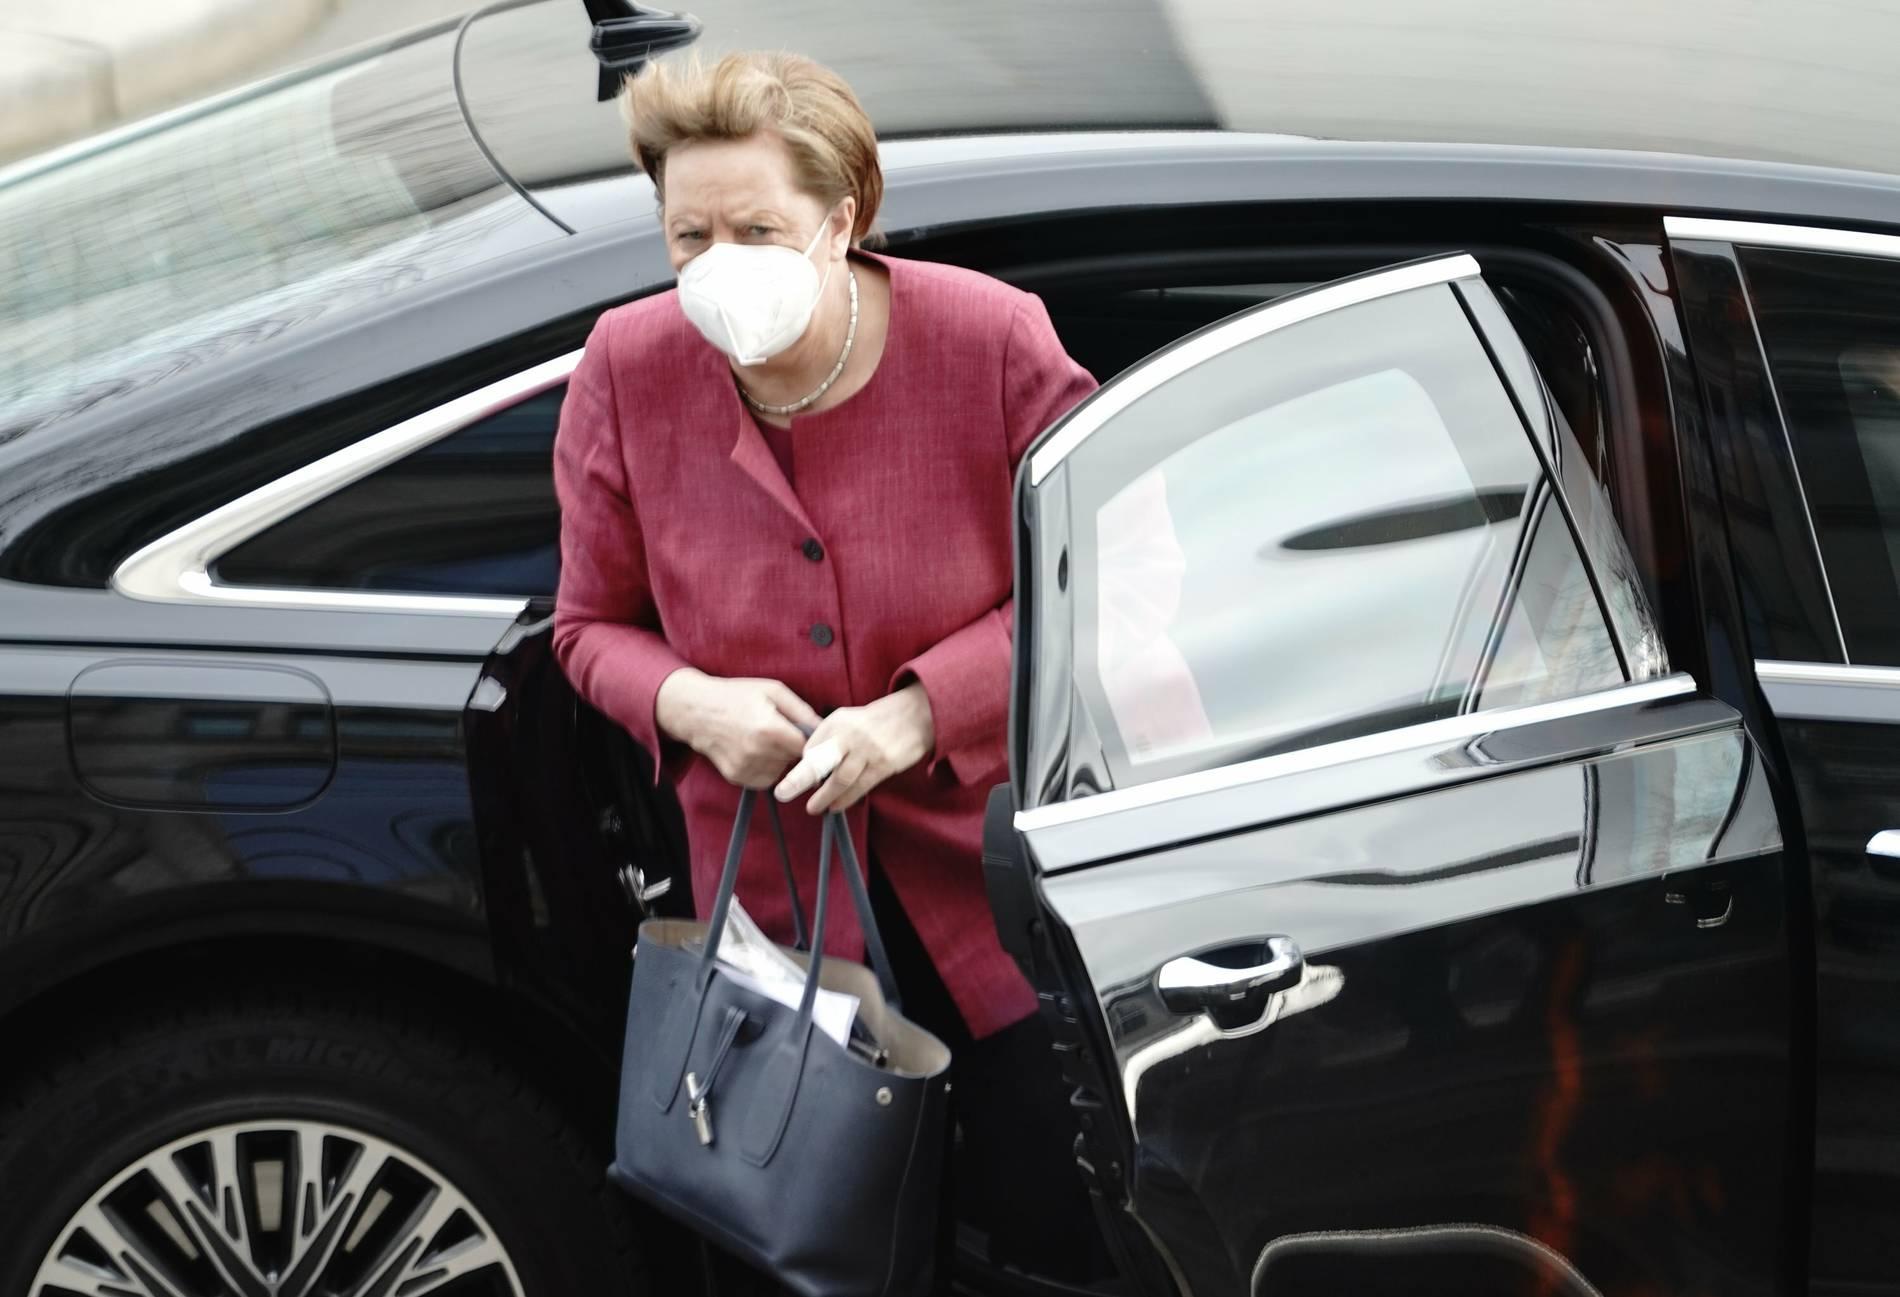 Bundeskanzlerin Angela Merkel (66) mit AstraZeneca geimpft: